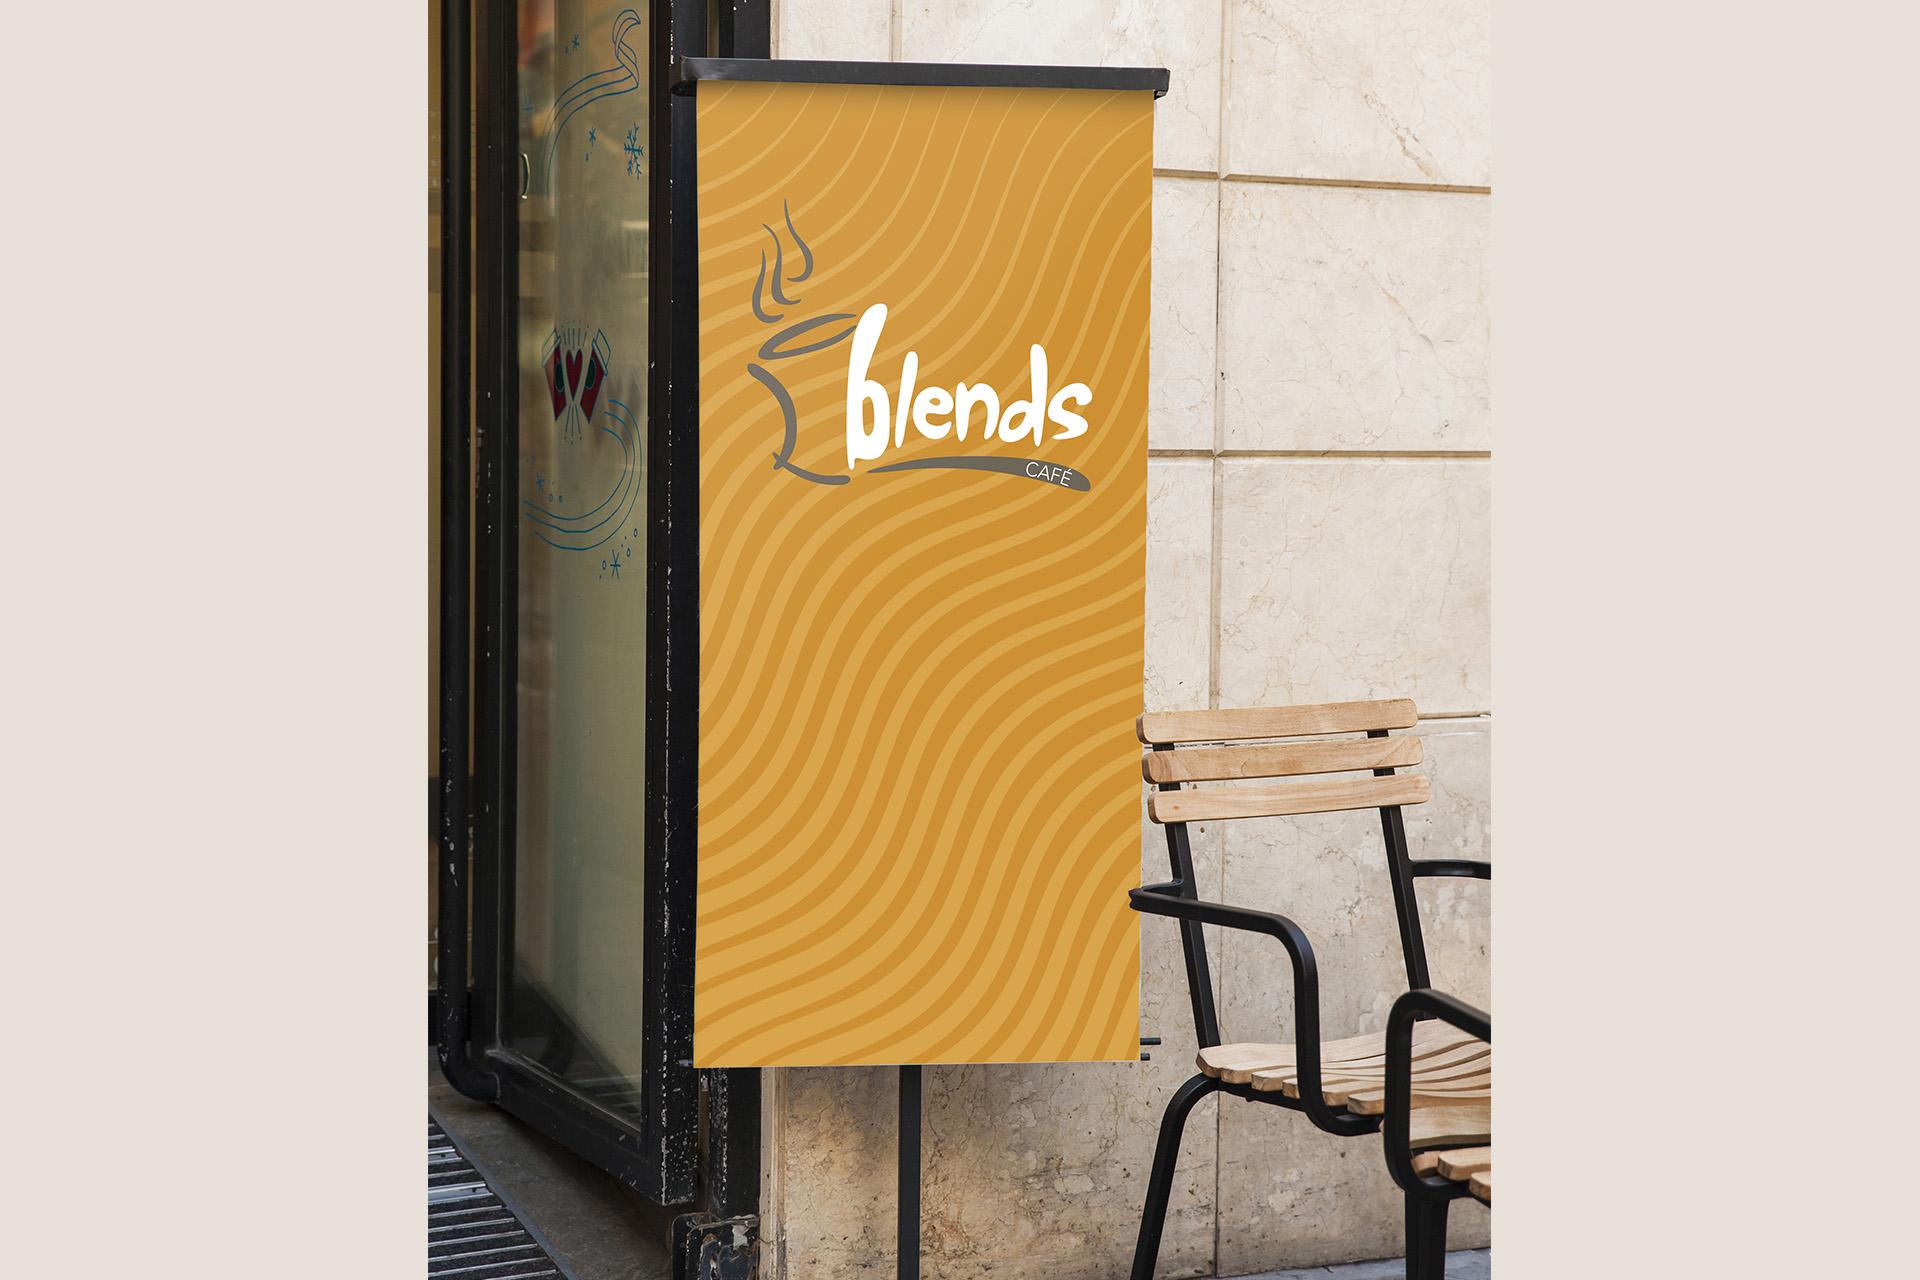 Blends Cafe signage